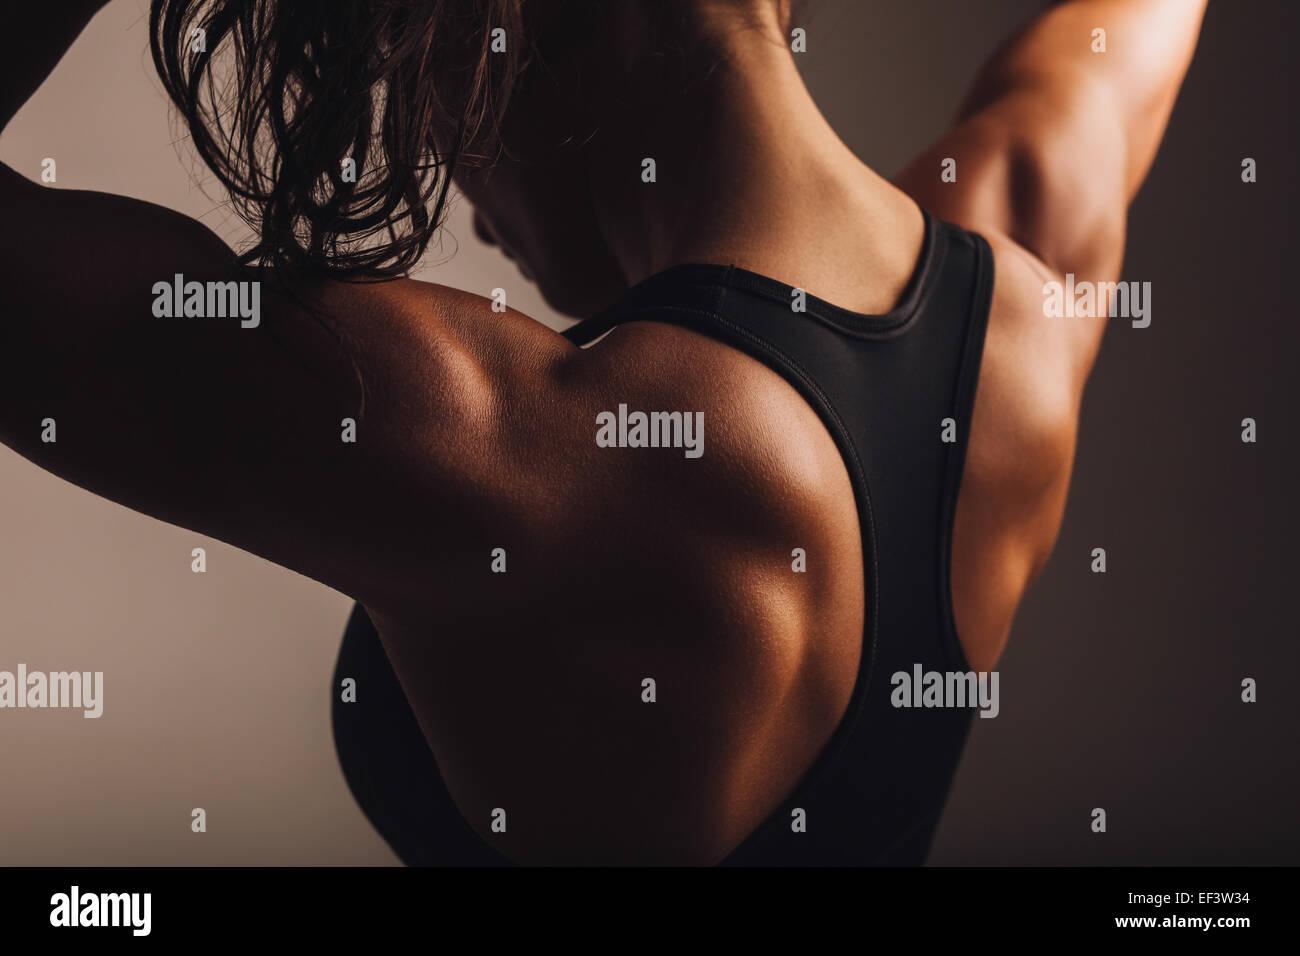 Inquadratura ravvicinata del retro della femmina modello di fitness. Giovane donna di indossare abbigliamento sportivo Immagini Stock